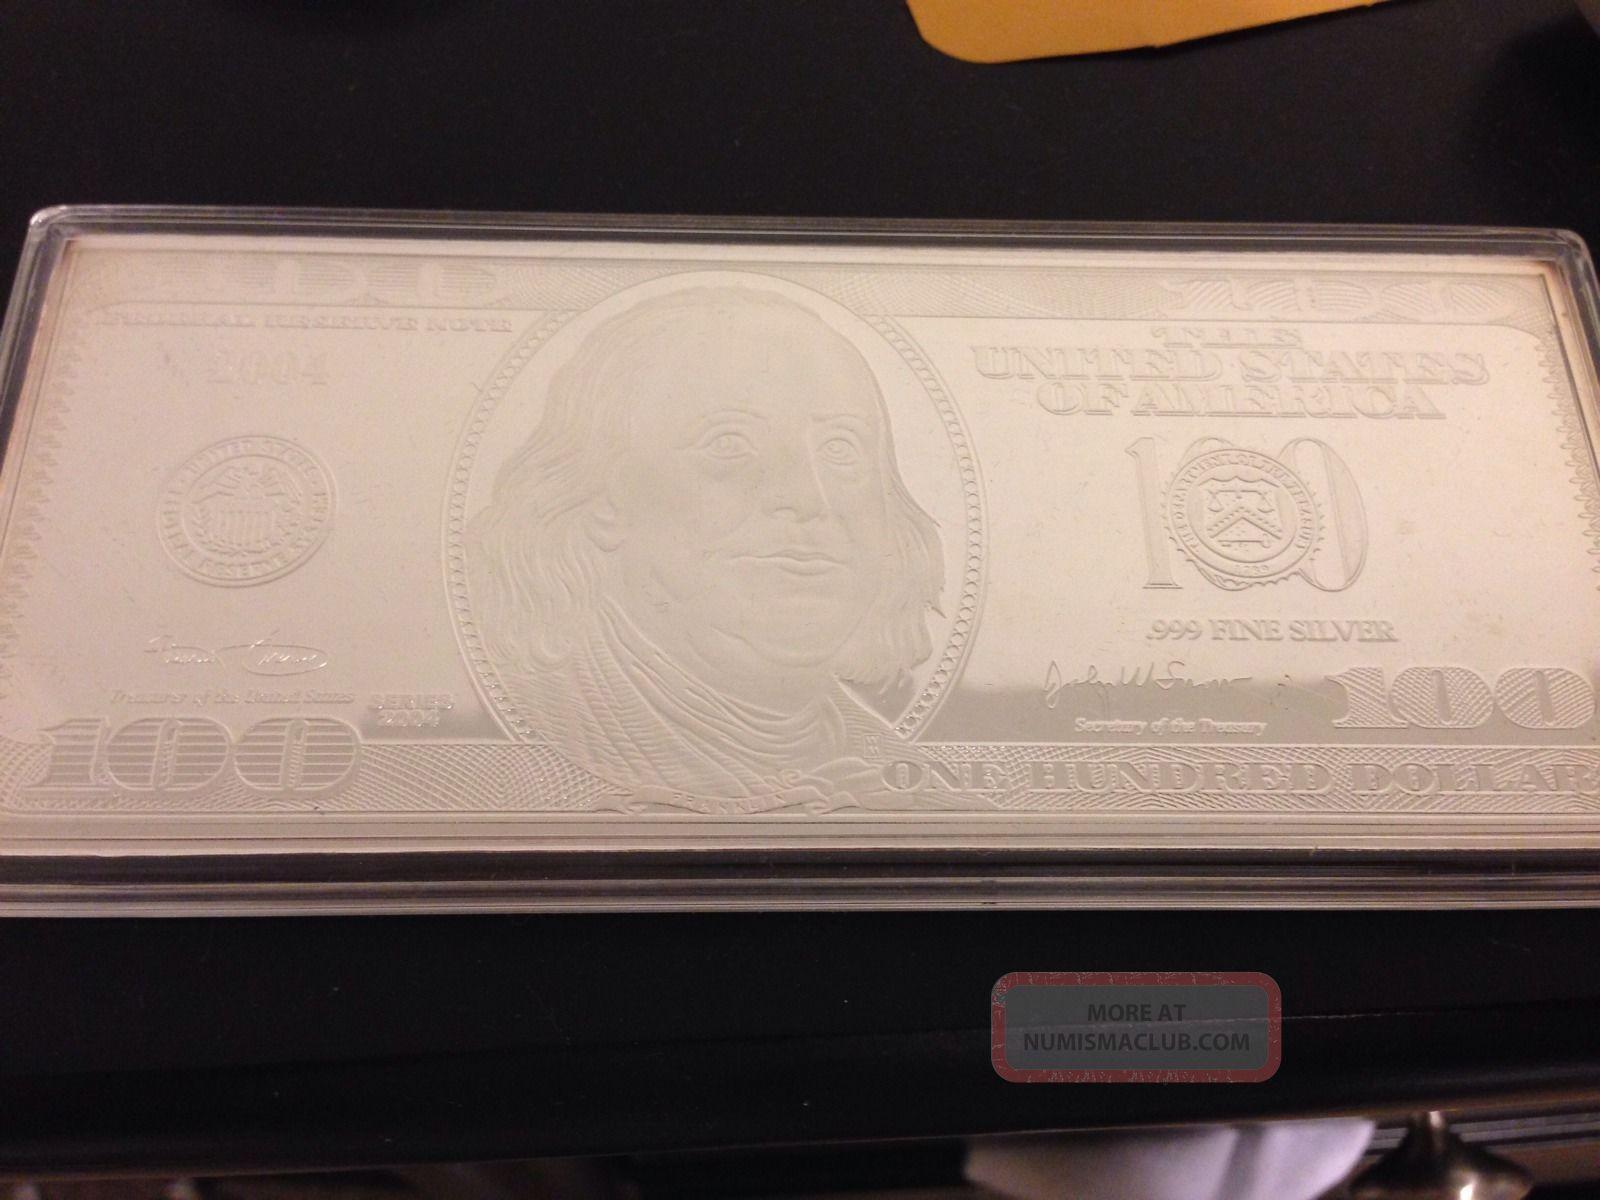 2004 100 Dollar Bill Benjamin Franklin 4oz 999 Silver Art